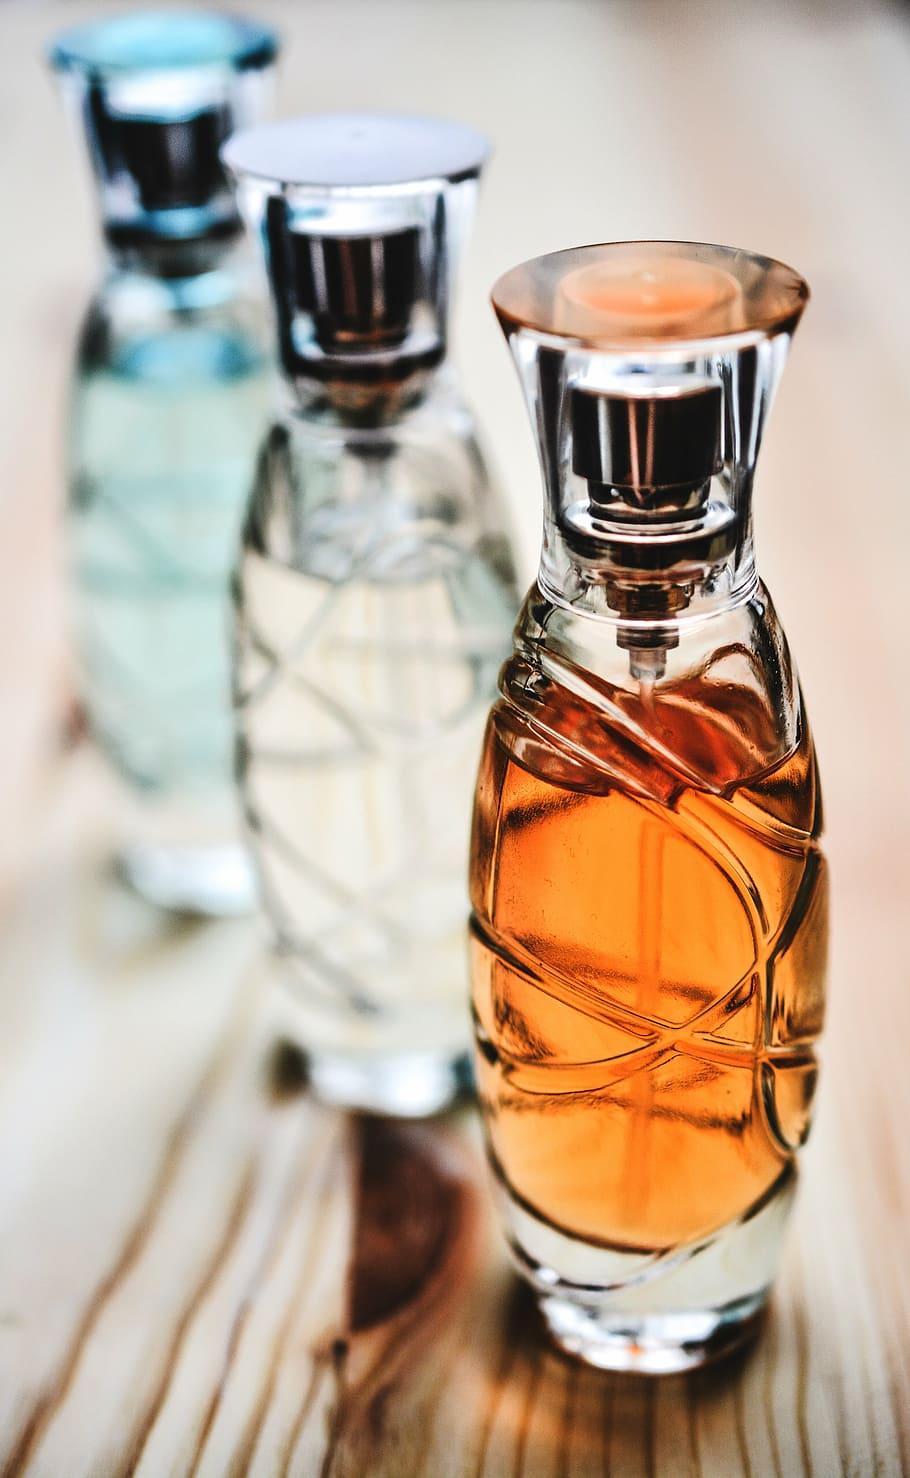 Ako recyklovať/triediť sklenené fľaštičky od kozmetiky